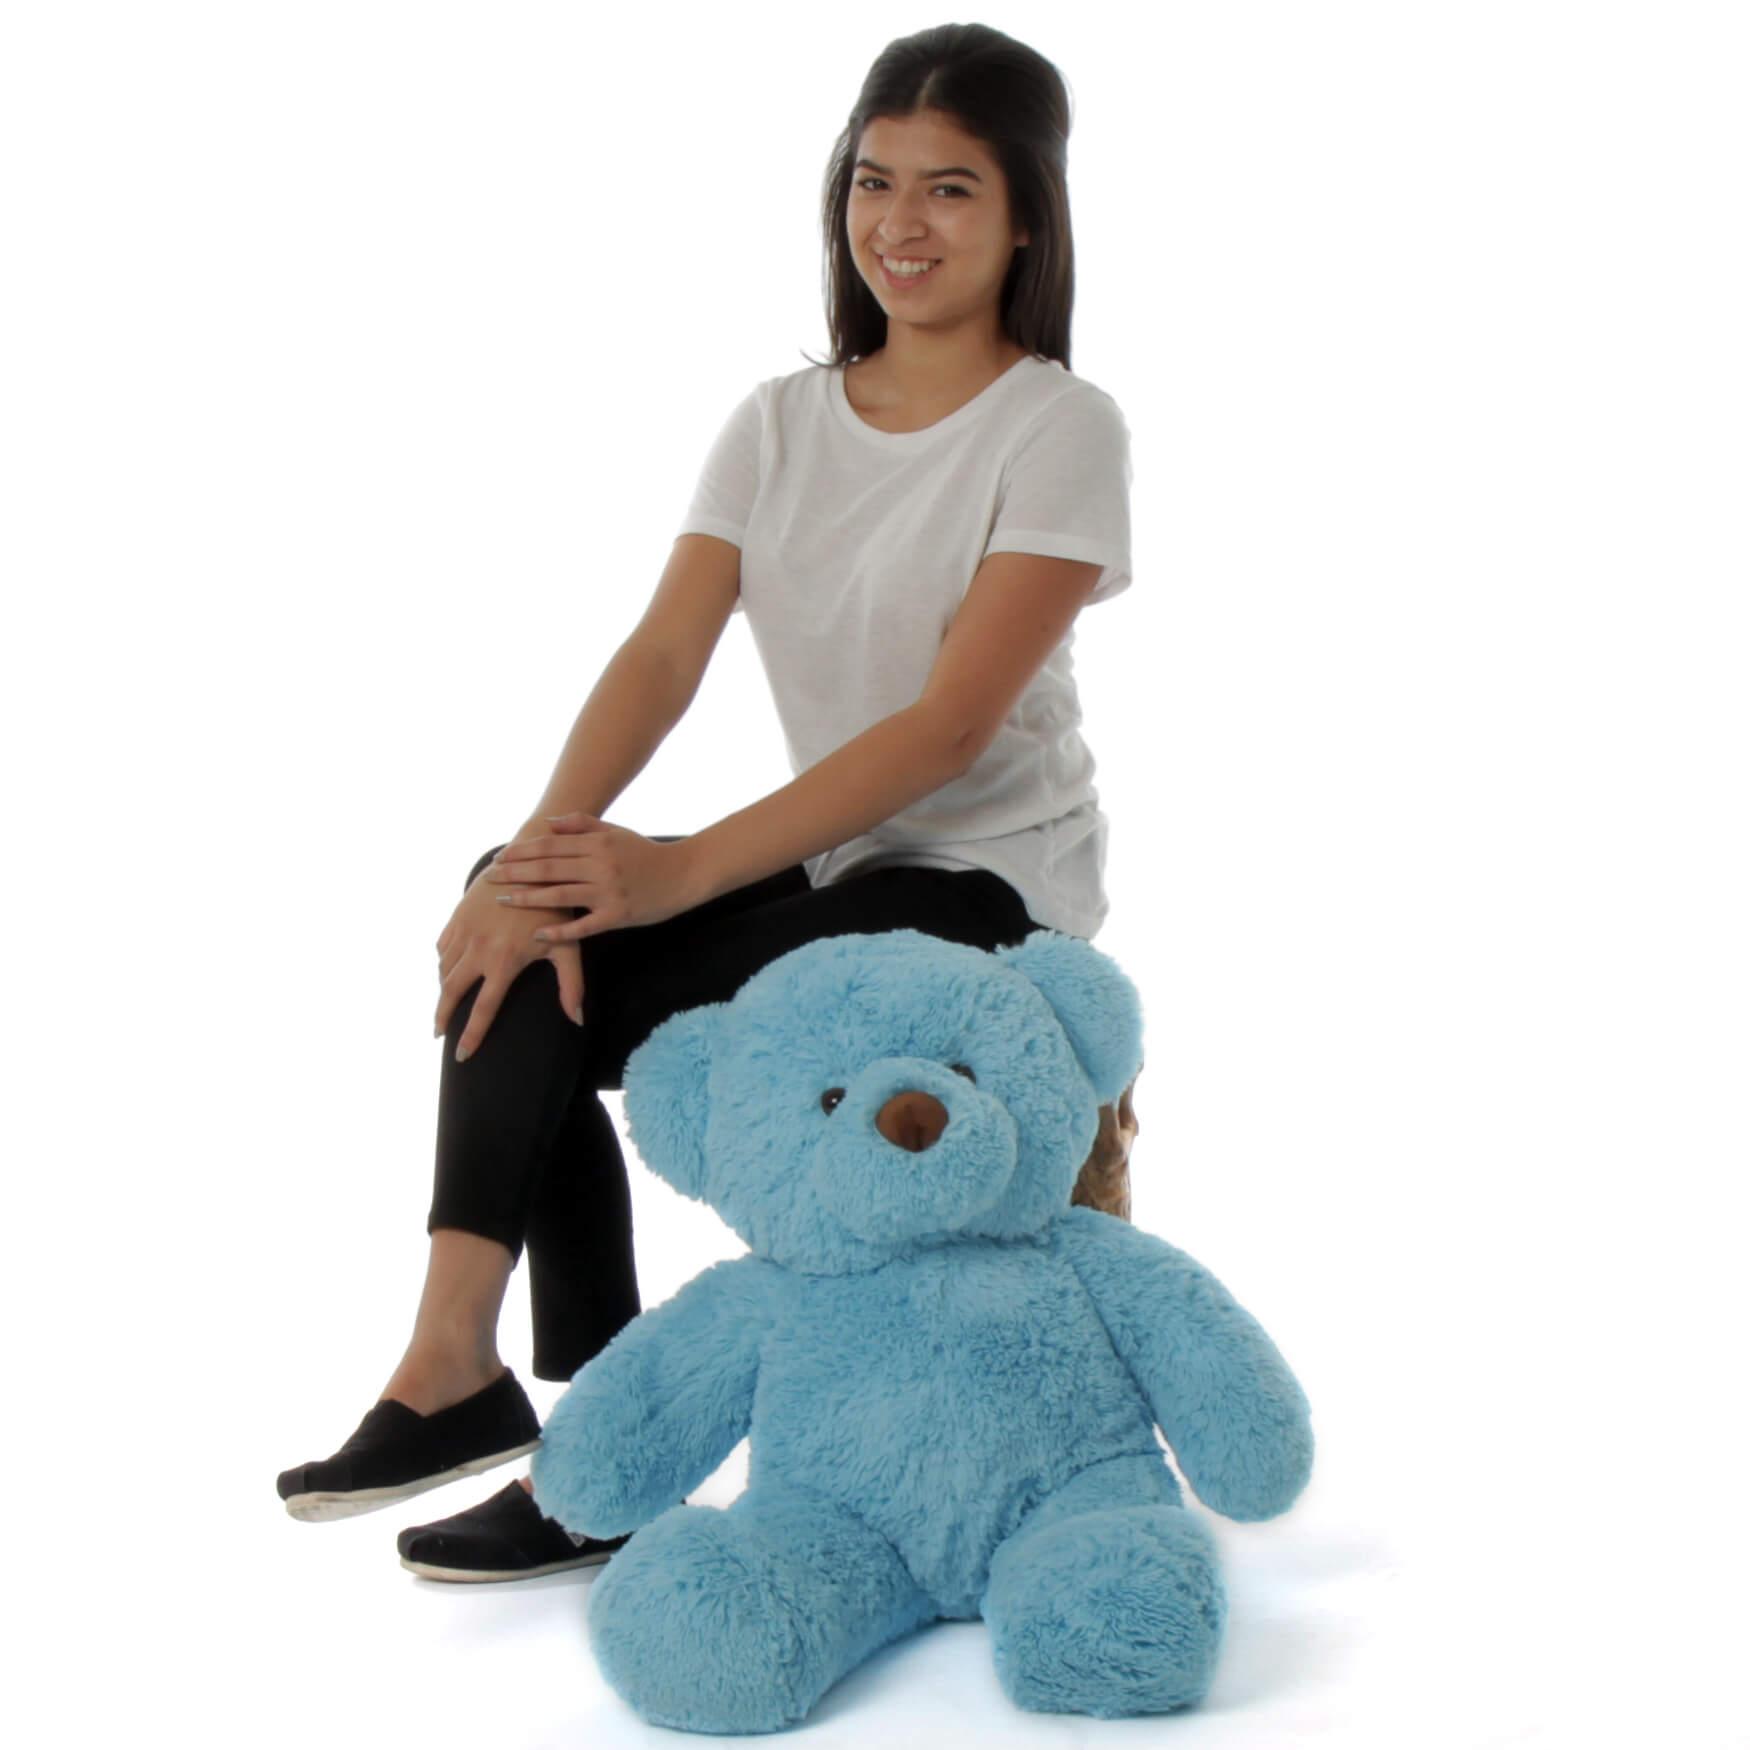 2.5ft-adorable-and-huggableblue-sammy-chubs-special-cute-bear-1.jpg